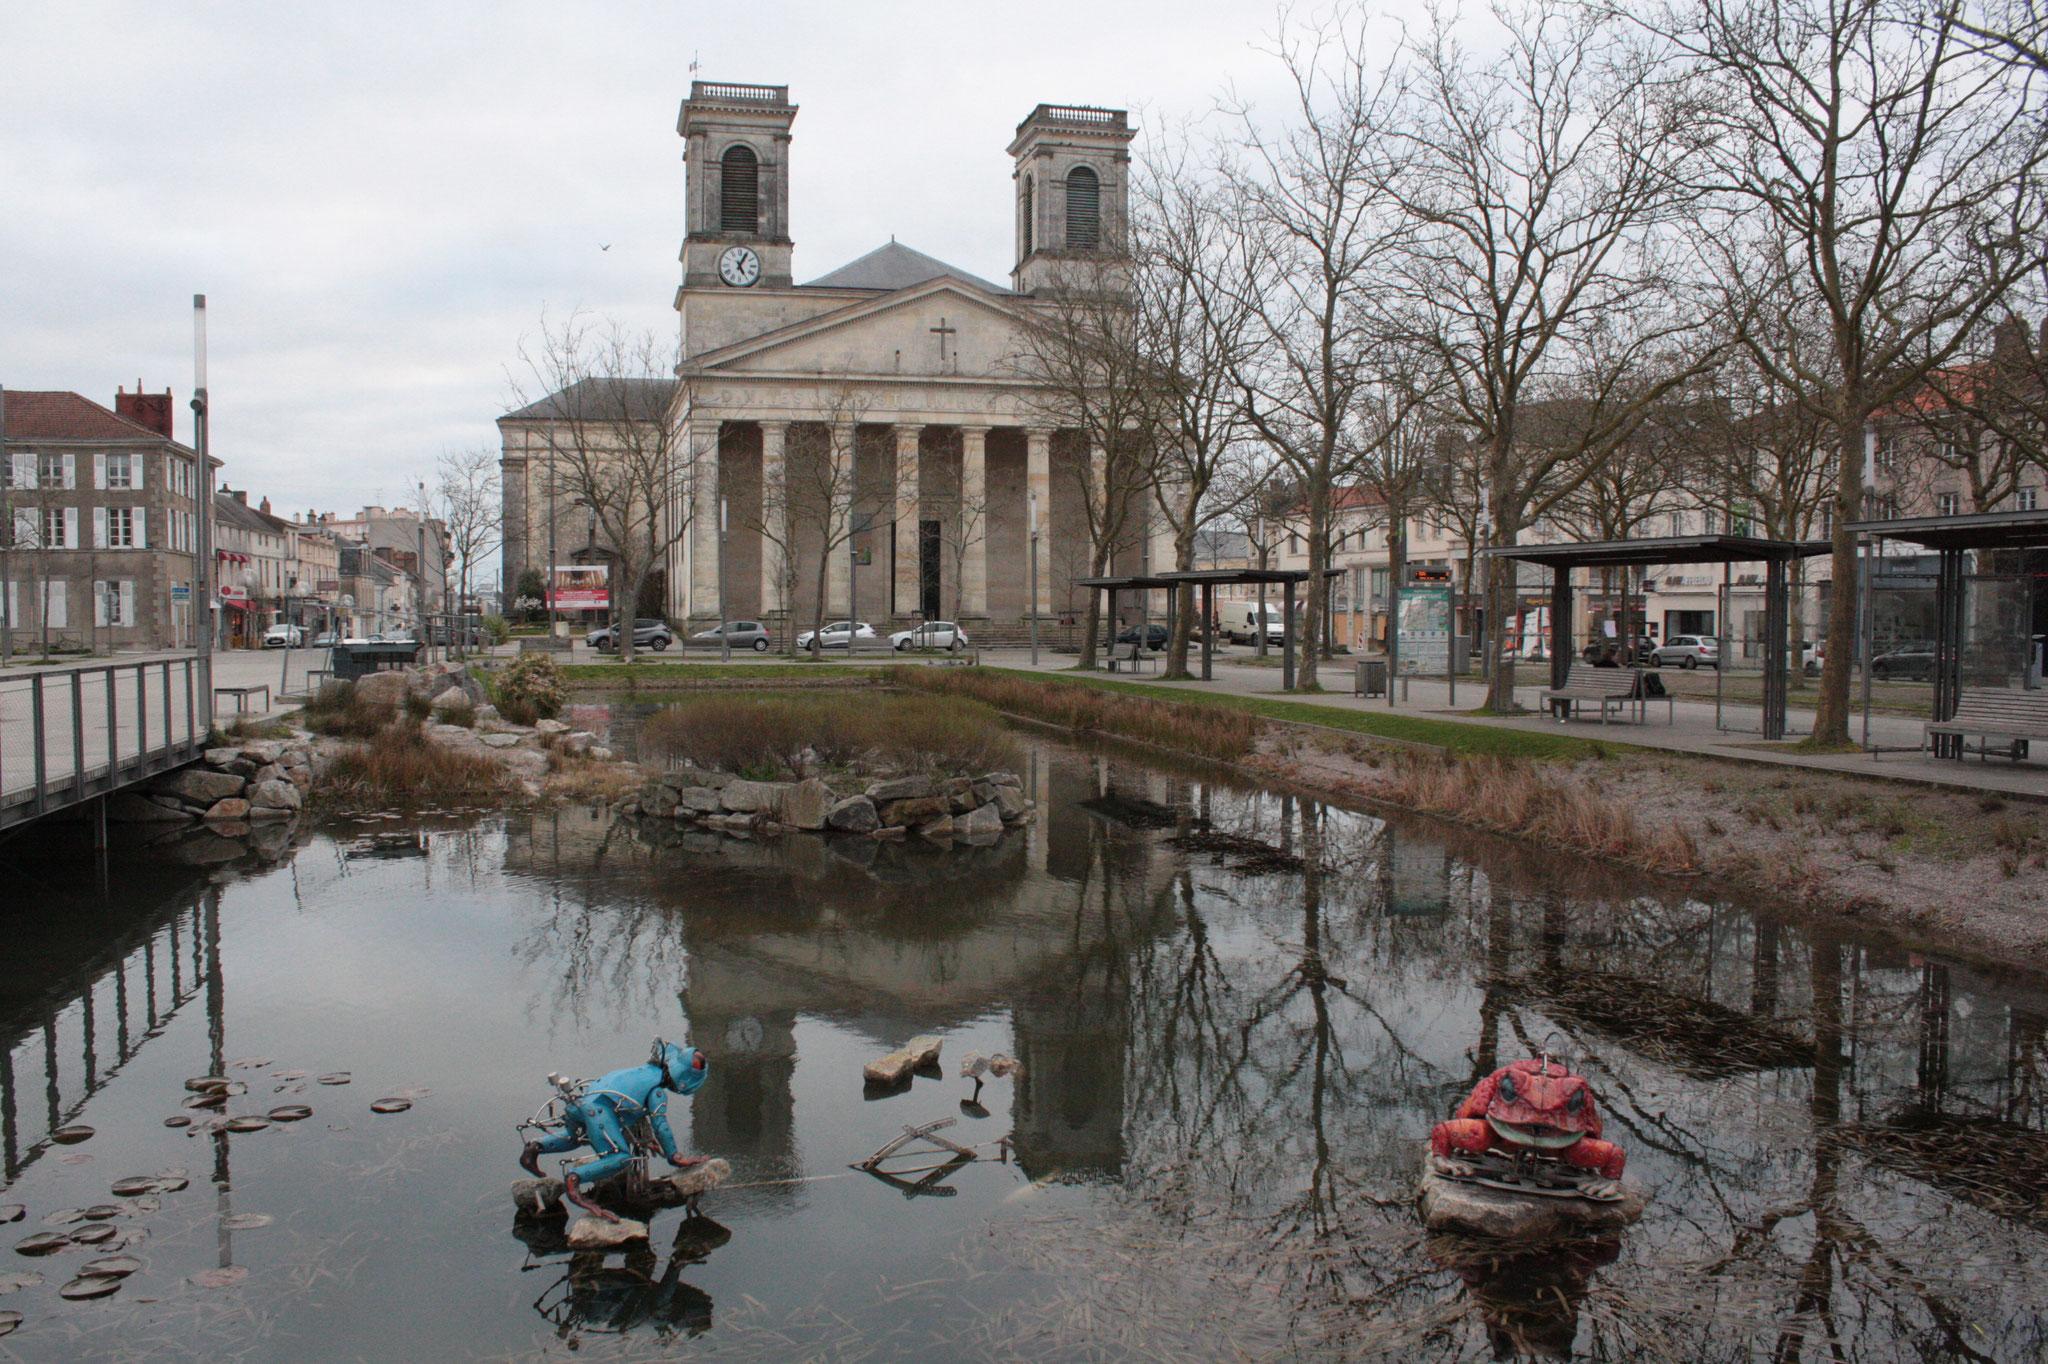 """Eglise St Louis et les grenouilles """"parlantes"""" de la place Napoléon - (c) JDR"""